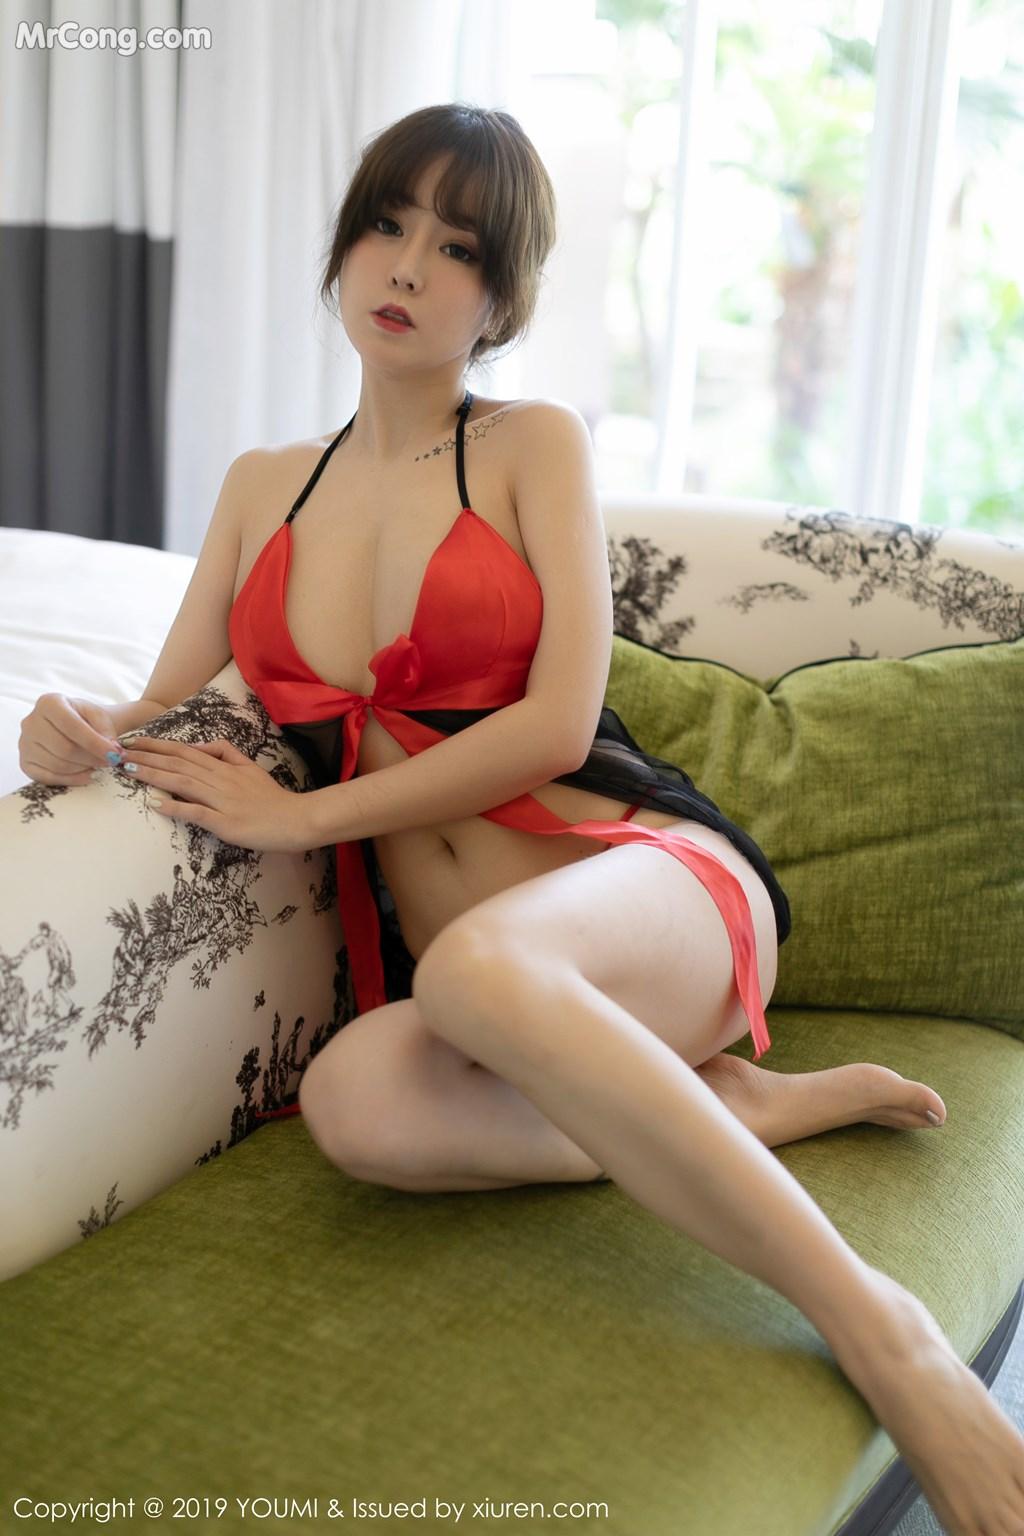 Image YouMi-Vol.336-Wang-Yu-Chun-MrCong.com-003 in post YouMi Vol.336: Wang Yu Chun (王雨纯) (43 ảnh)